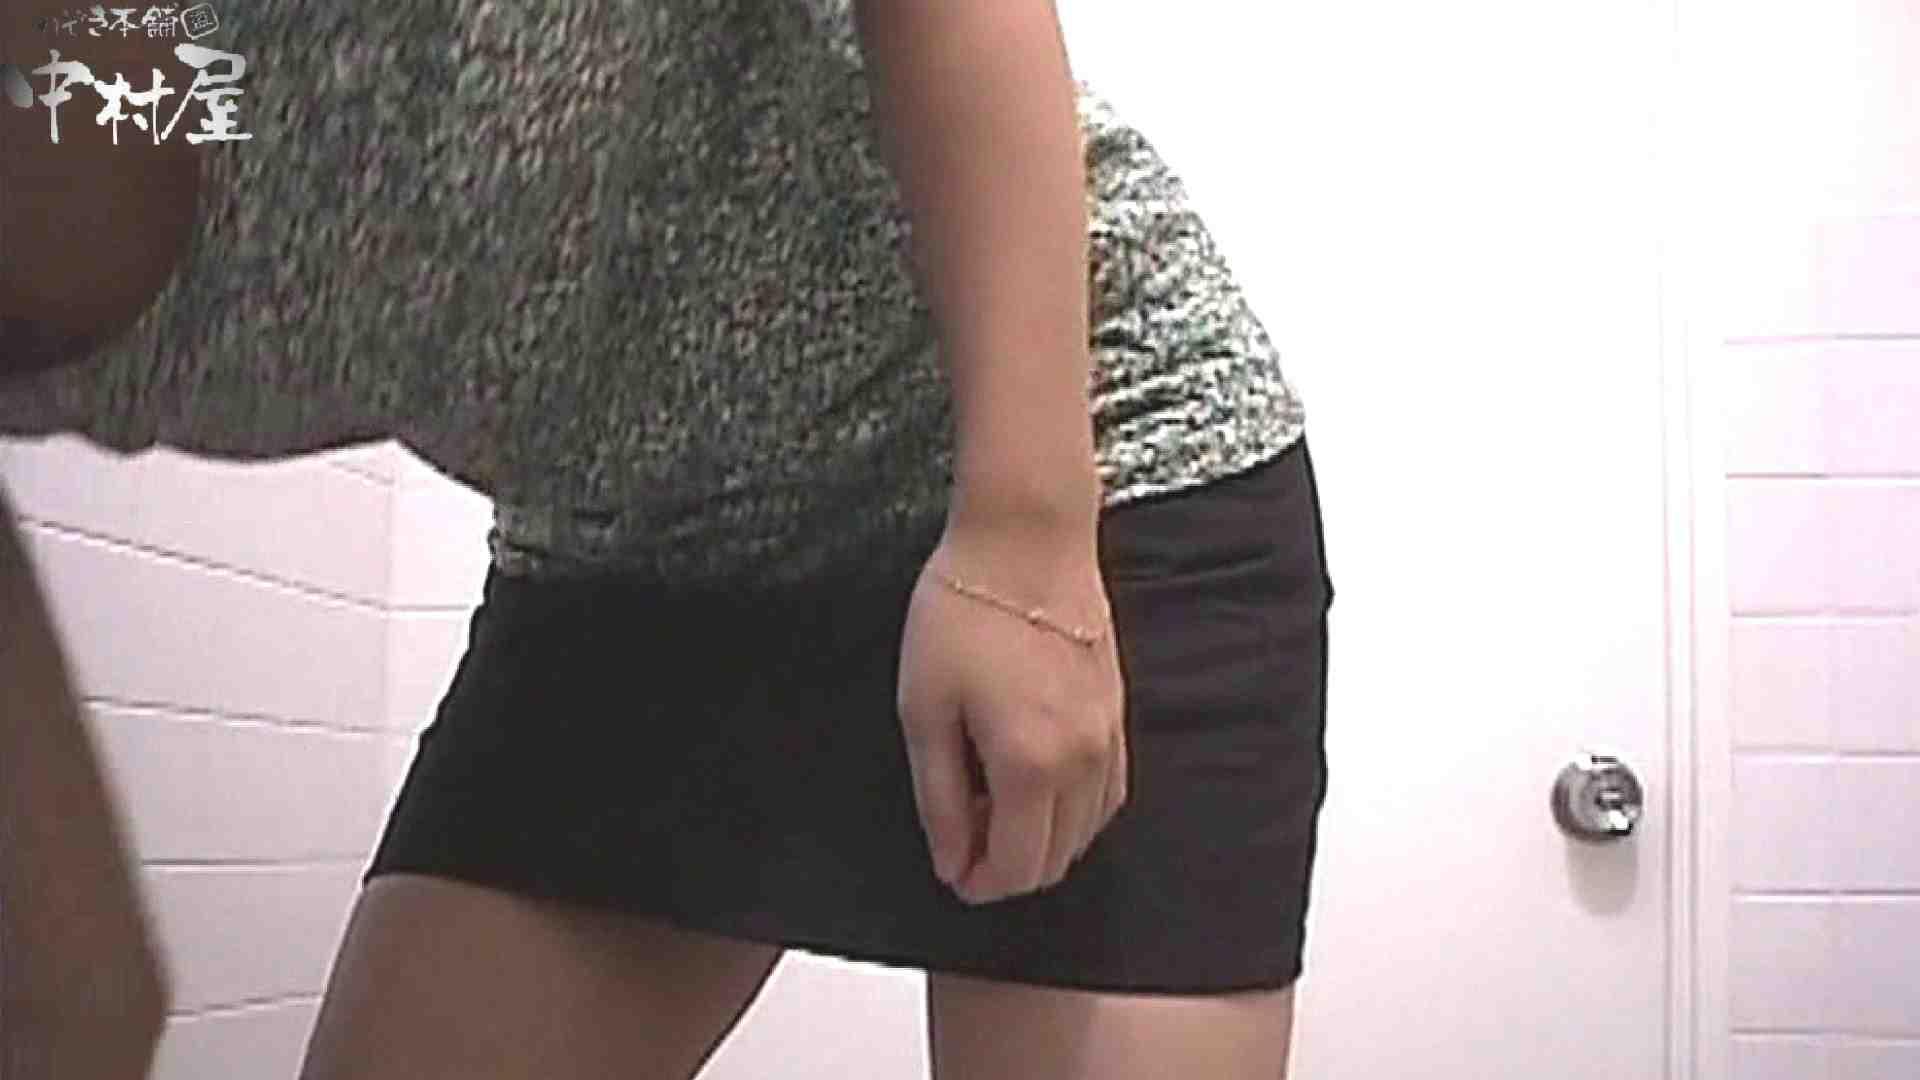 お漏らし寸前デパトイレ盗撮!Vol.09 女子トイレ編 オマンコ無修正動画無料 110PIX 73